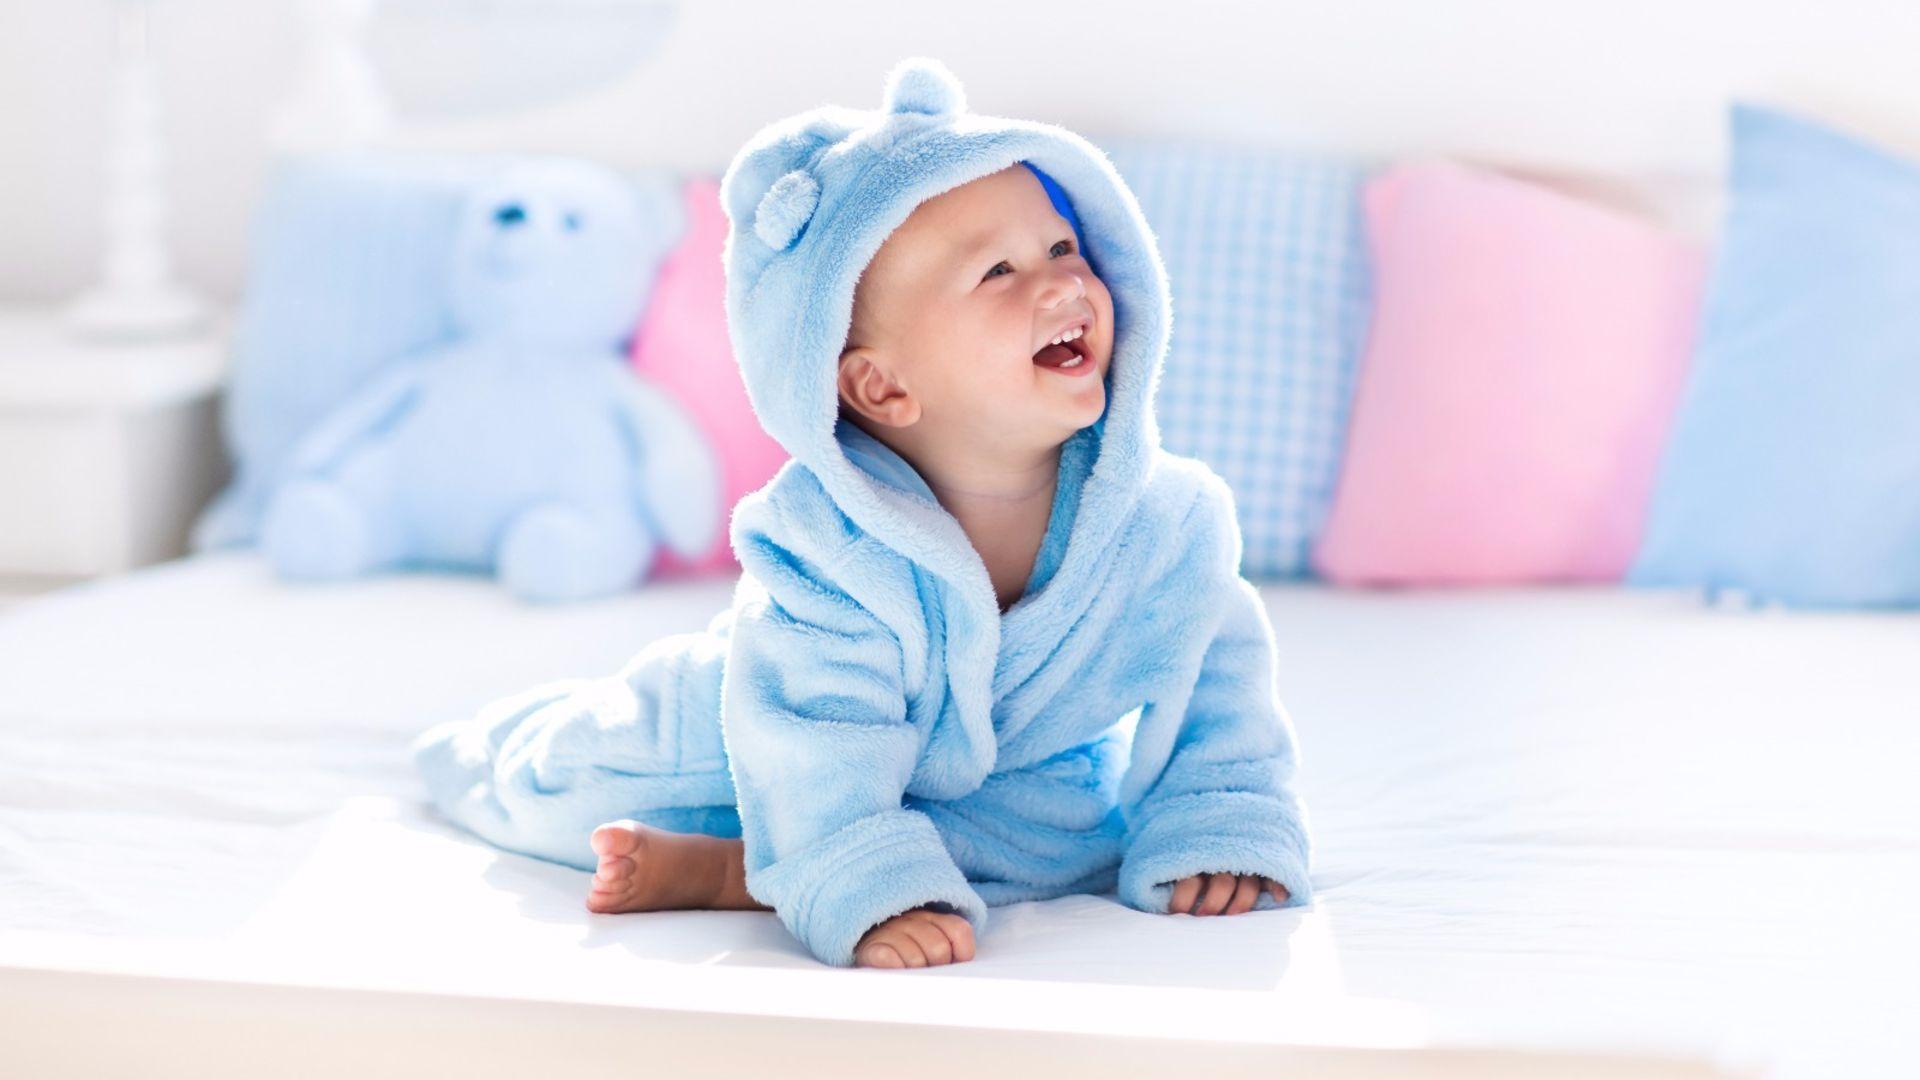 Rüyada Bebeğin Diş Çıkardığını Güldüğünü Görmek